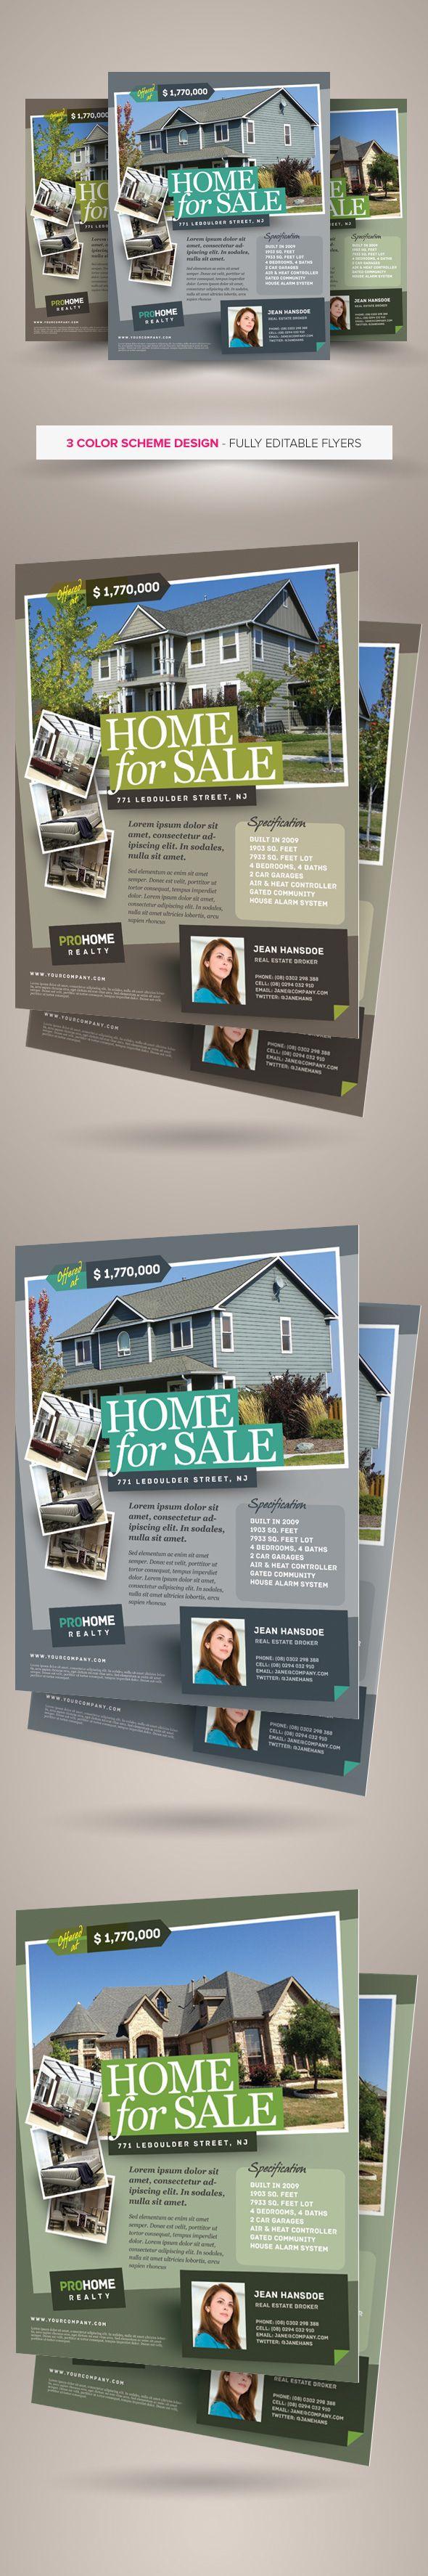 https://www.behance.net/gallery/28834085/Real-Estate-Flyer-Template